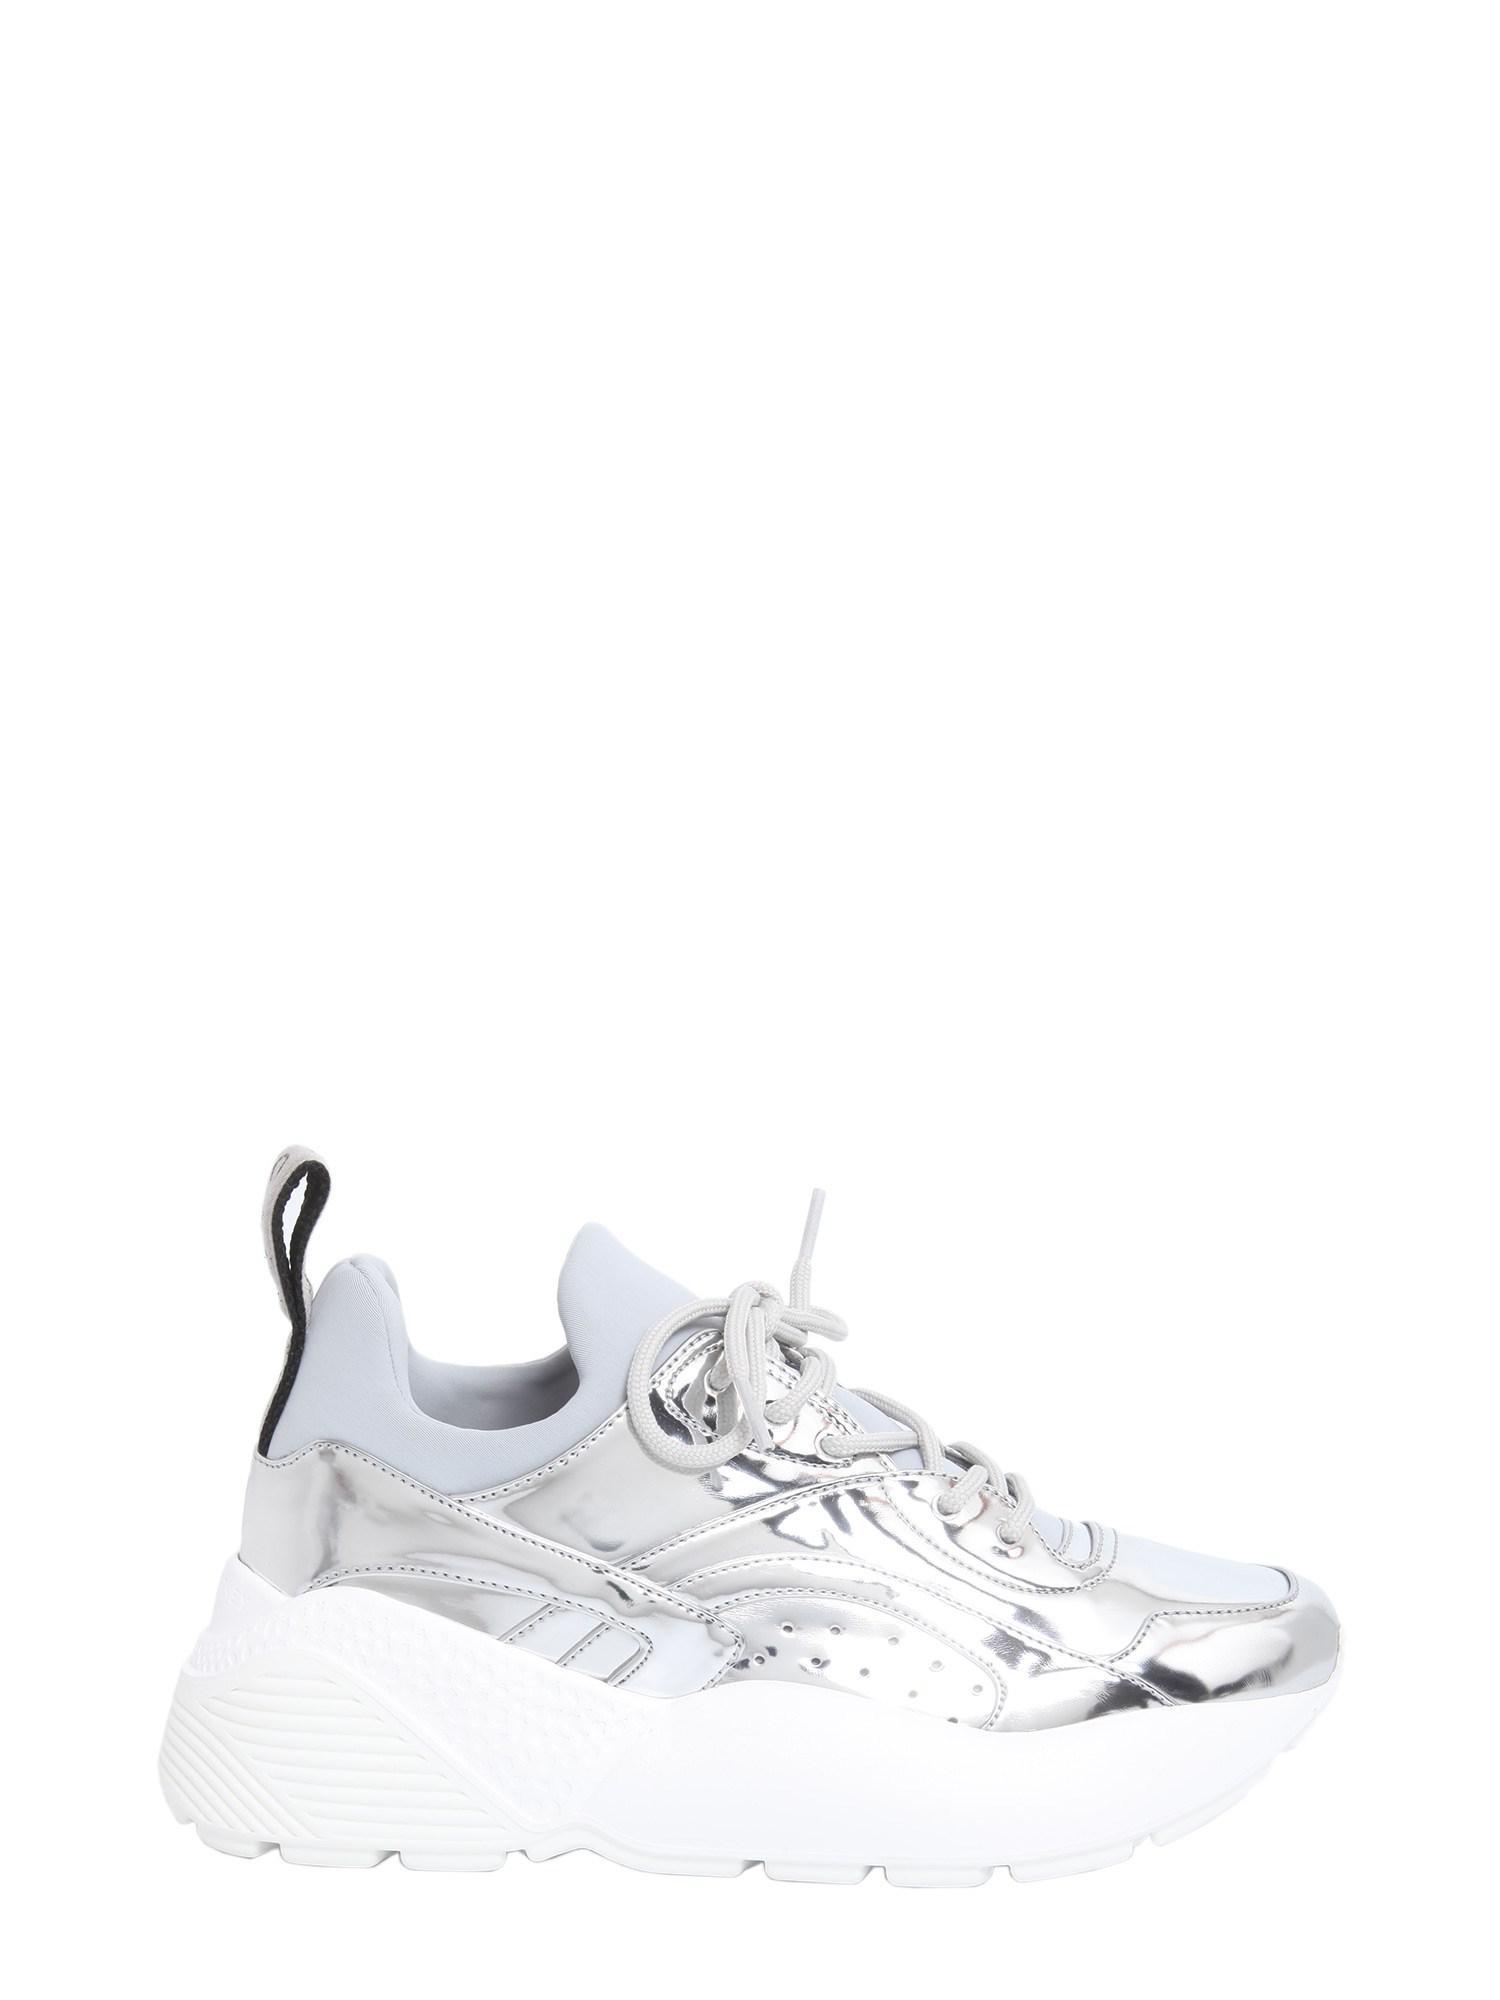 Metallic With Chunky Sneakers Sole Stella Mccartney Eclypse Rubber yn0vmN8wO